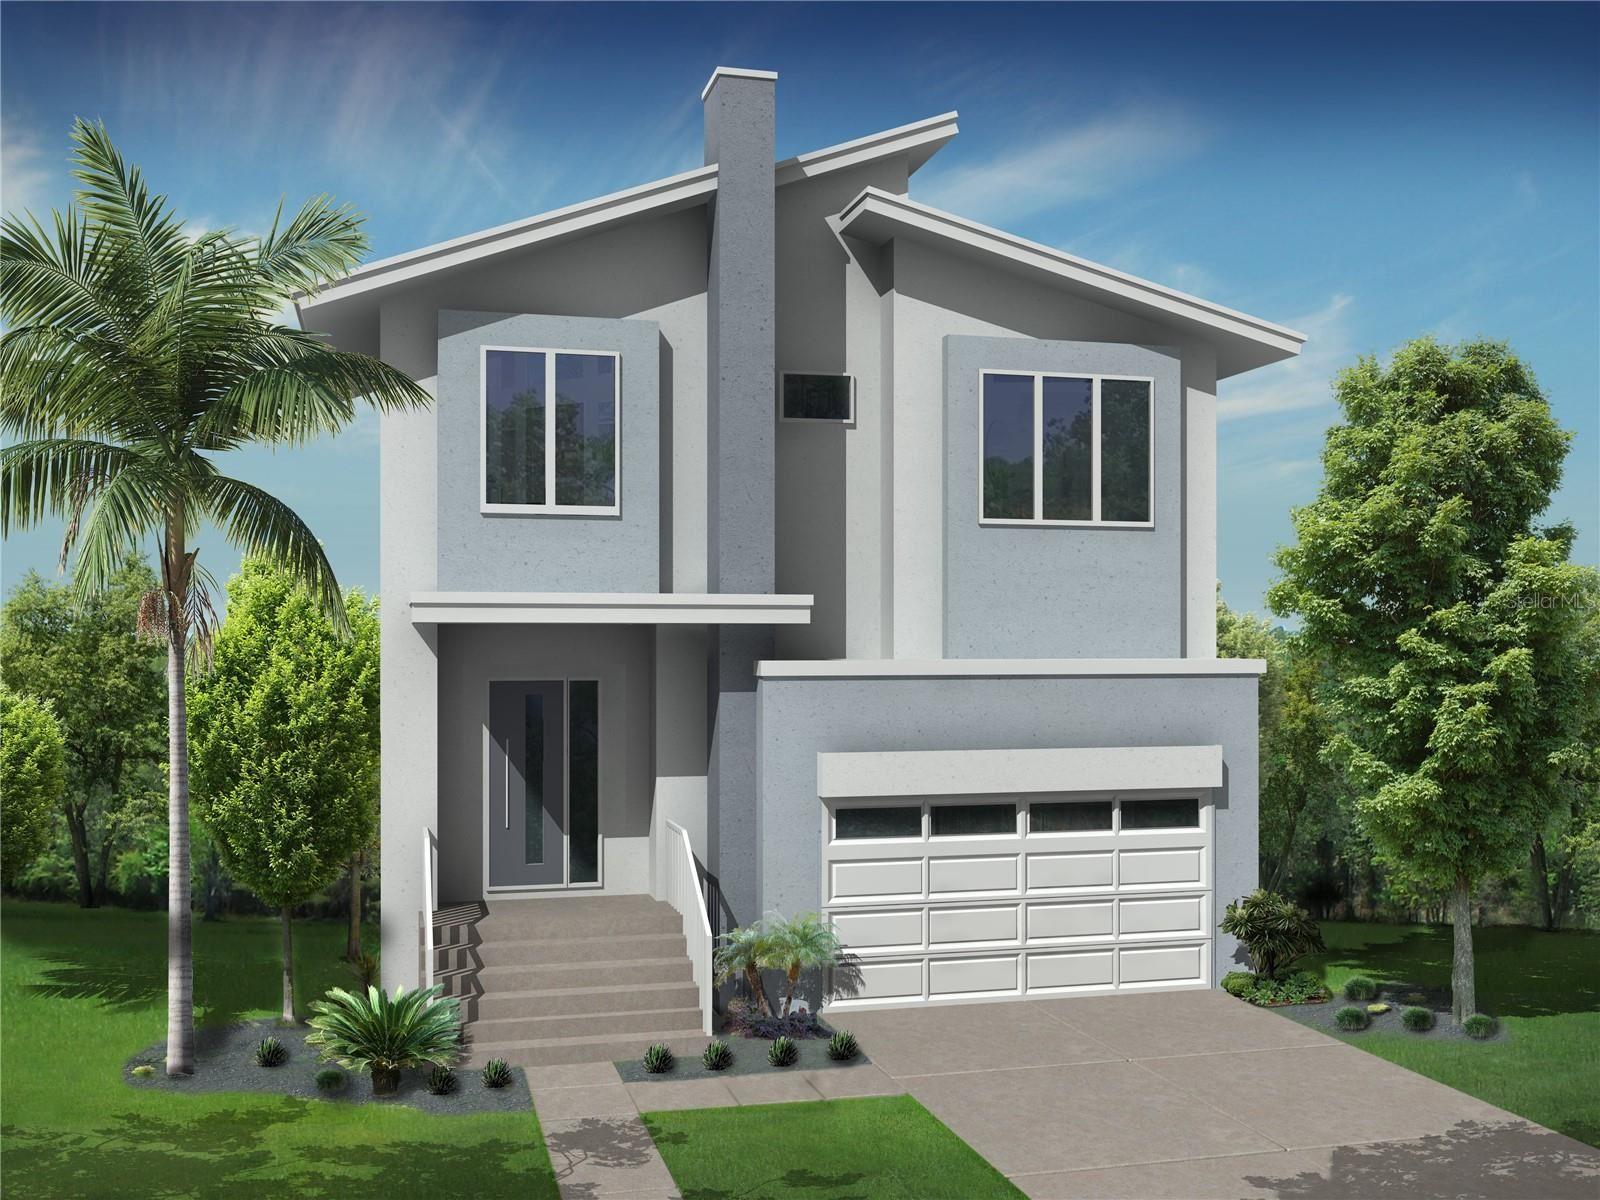 4705 W EUCLID AVENUE, Tampa, FL 33629 - MLS#: T3317500